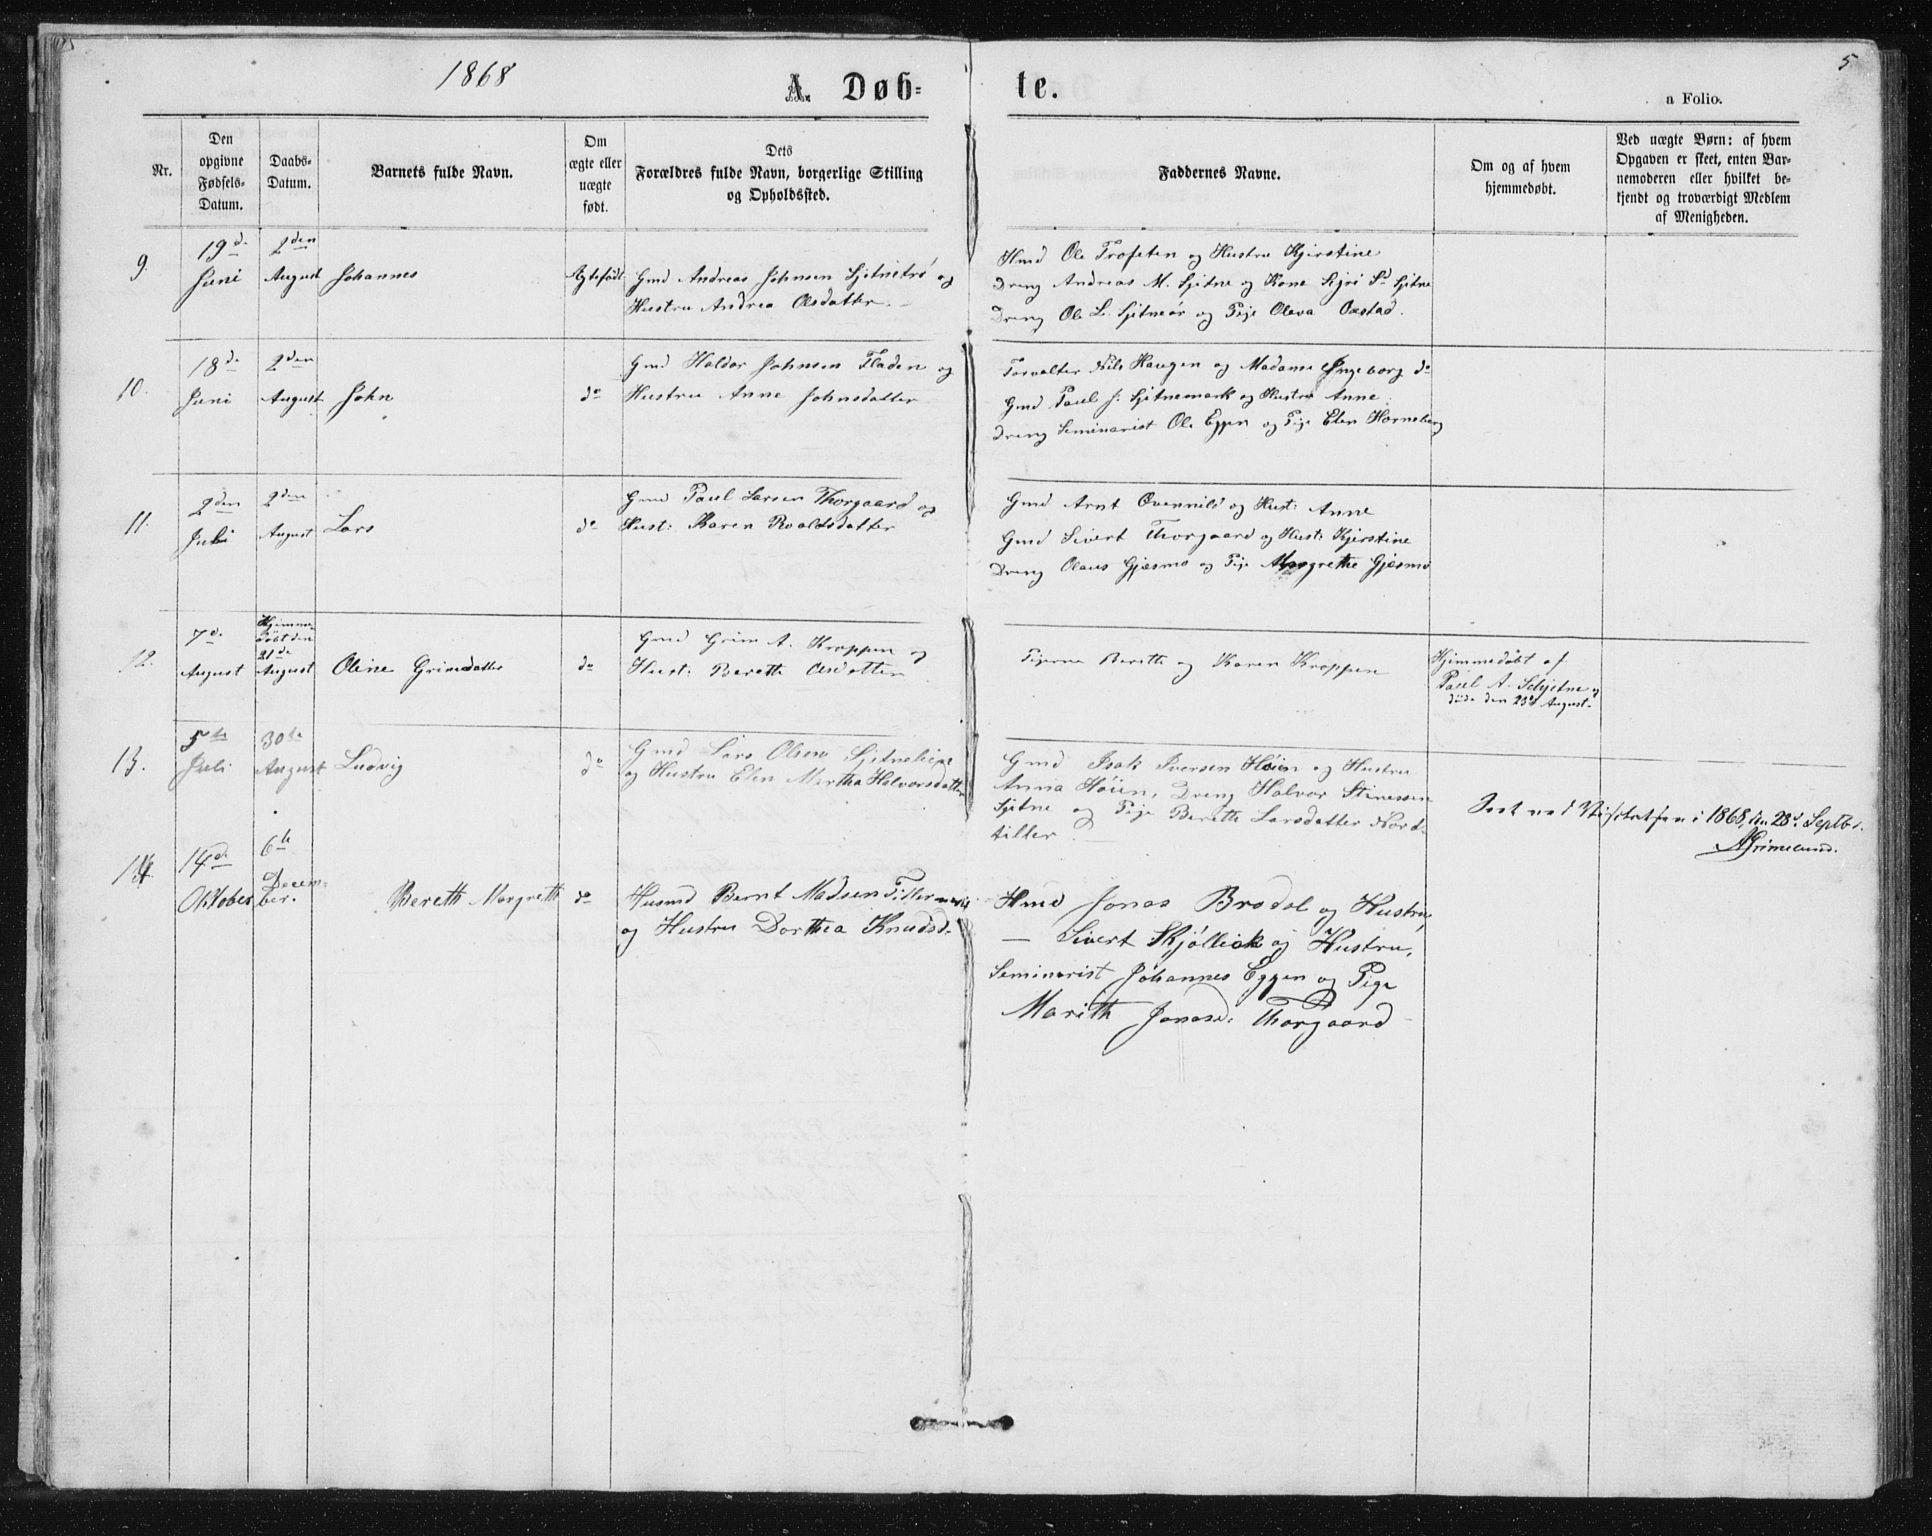 SAT, Ministerialprotokoller, klokkerbøker og fødselsregistre - Sør-Trøndelag, 621/L0459: Klokkerbok nr. 621C02, 1866-1895, s. 5